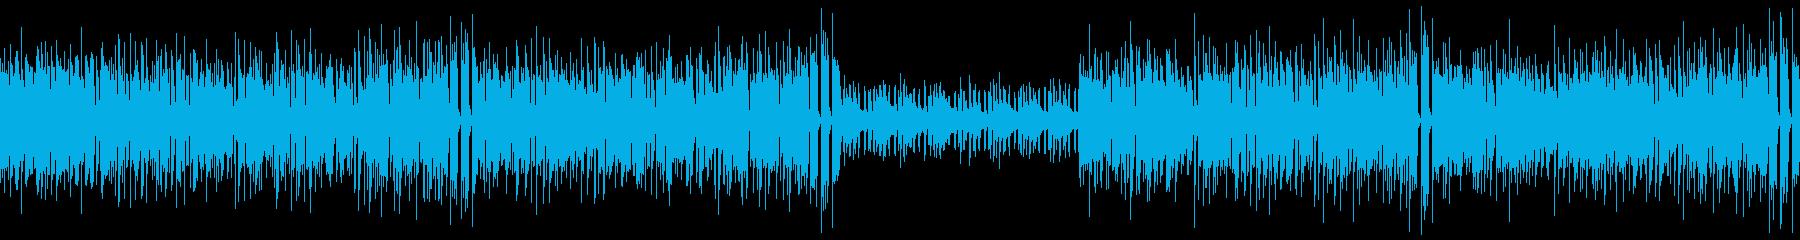 【ベース・ドラム抜き】クラビネット主体…の再生済みの波形